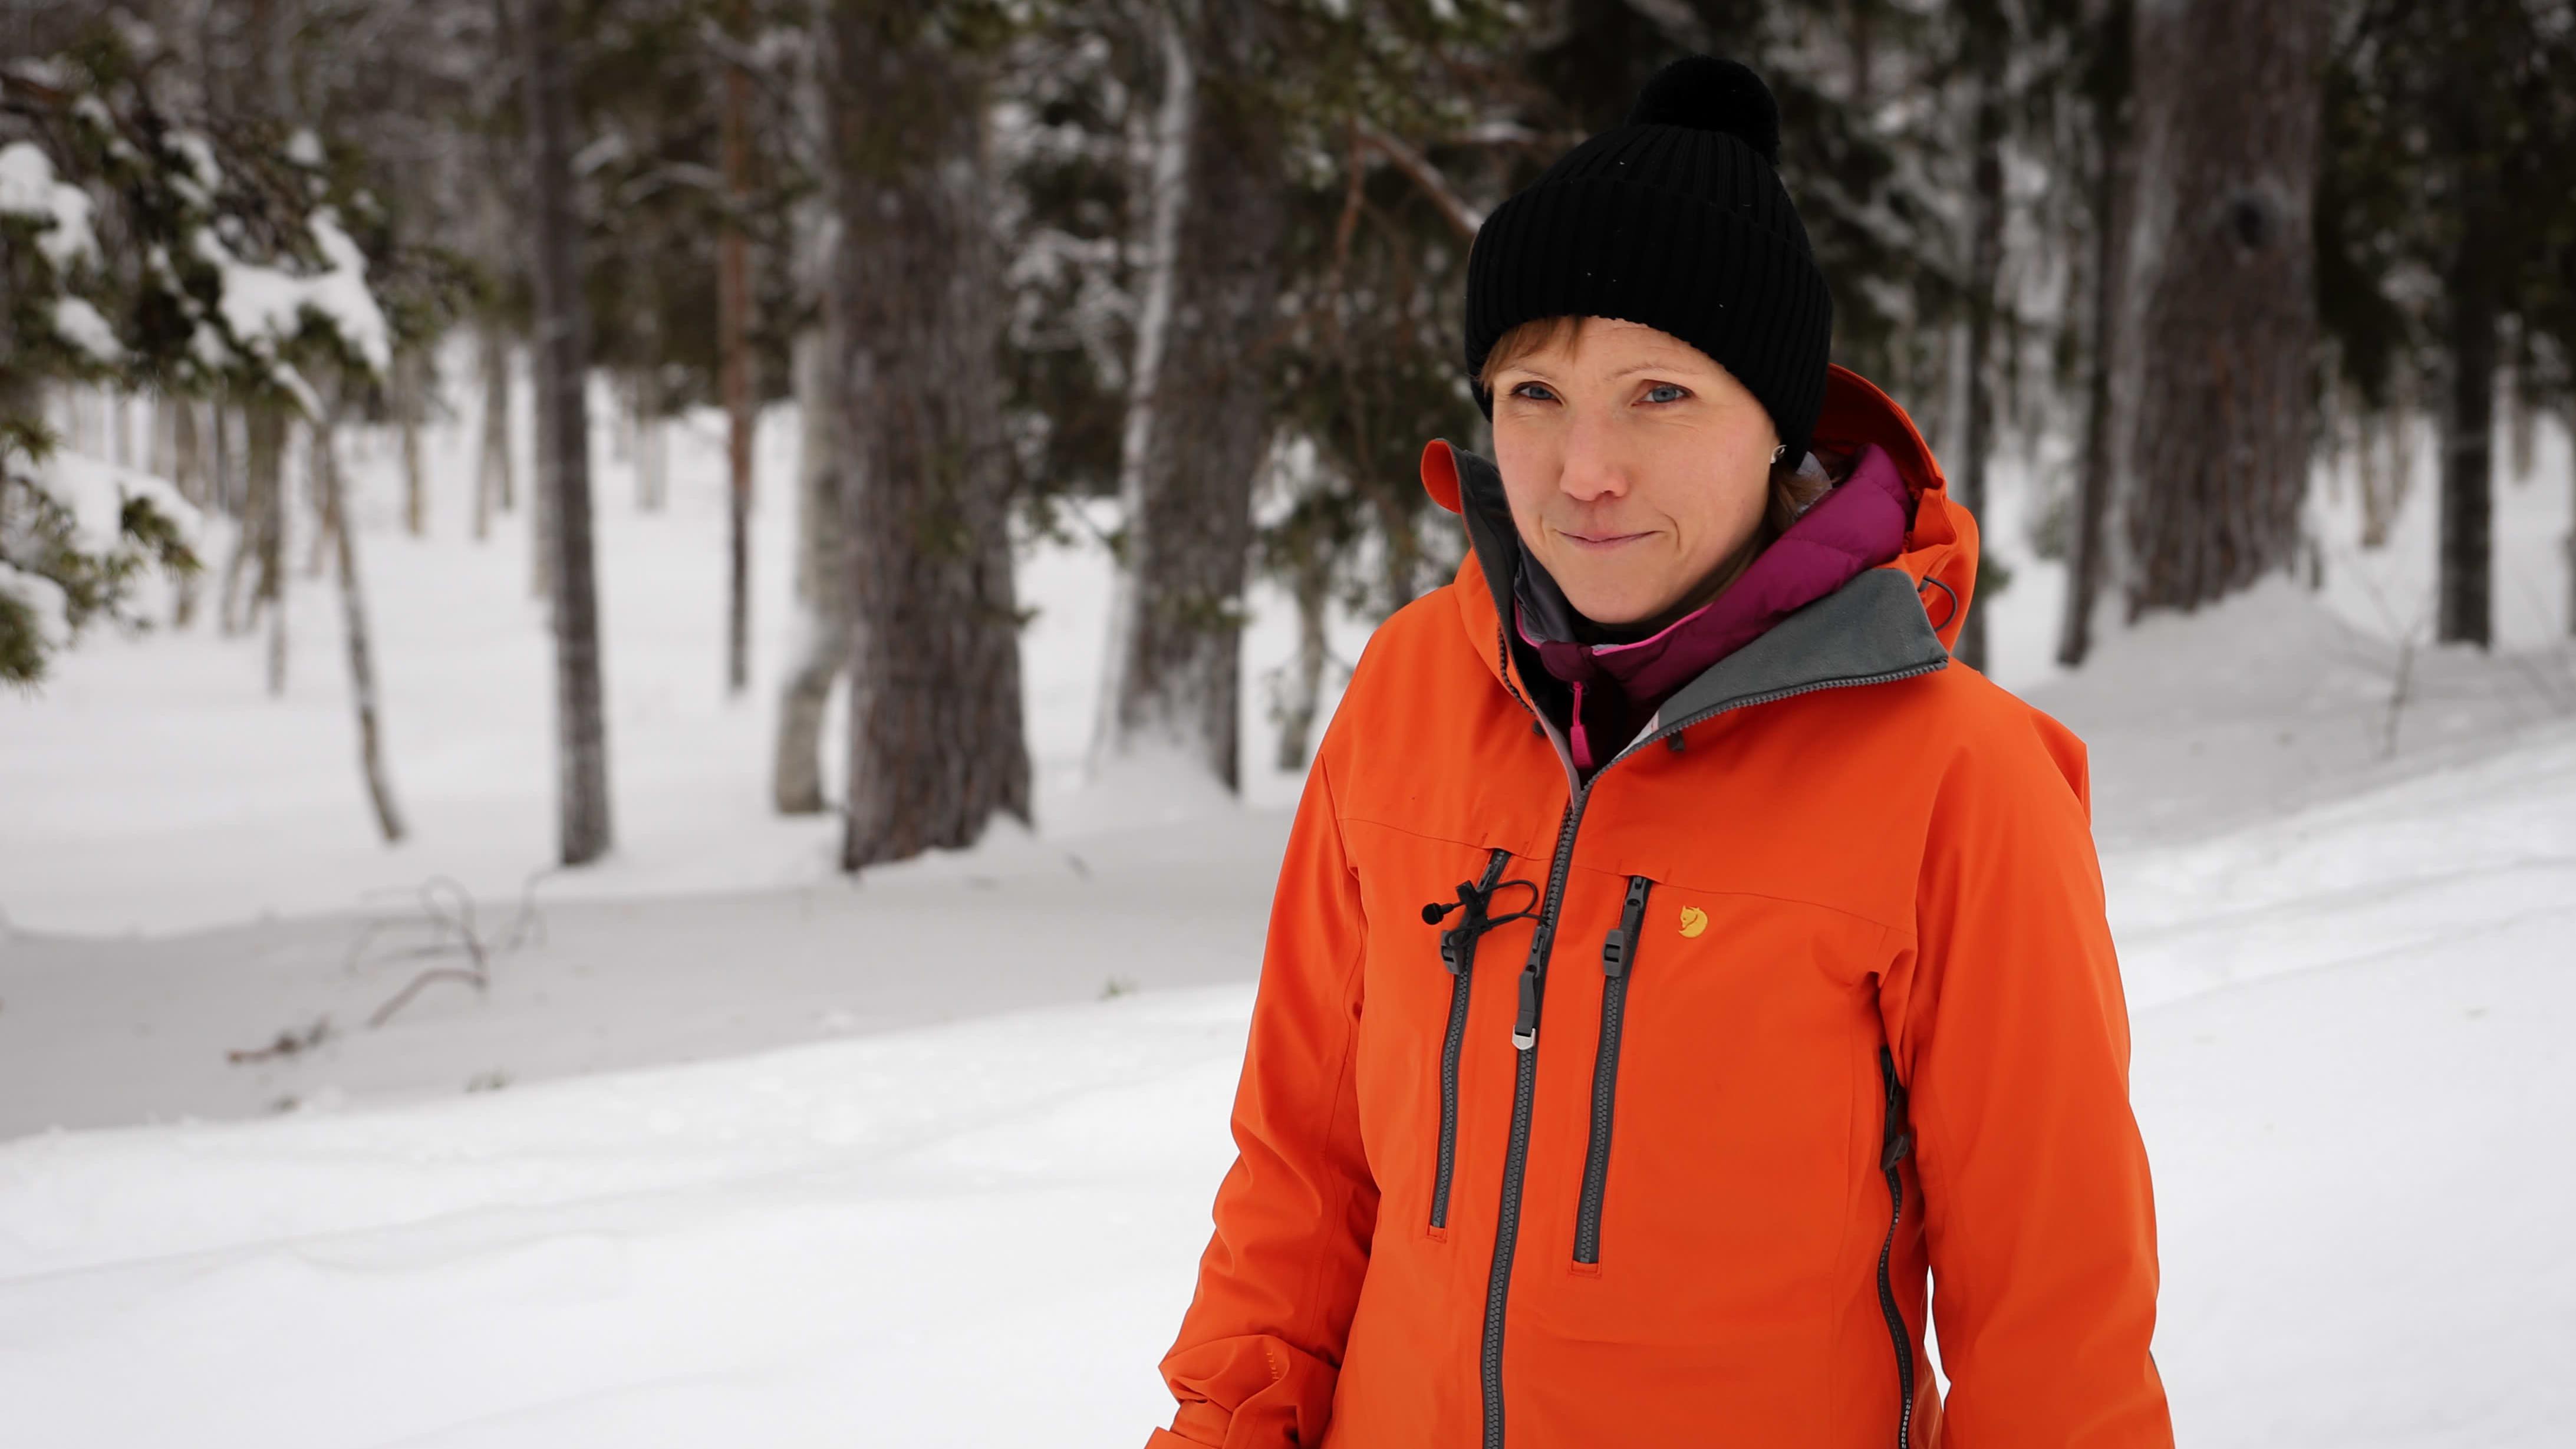 Kaisa Sali lumisessa maisemassa. Taustalla on havumetsää. Kaisalla on punainen kuoritakki ja musta pipo. TV-haastattelussa käytetty nappimikrofoni johtoineen pilkistää takin rintataskusta.